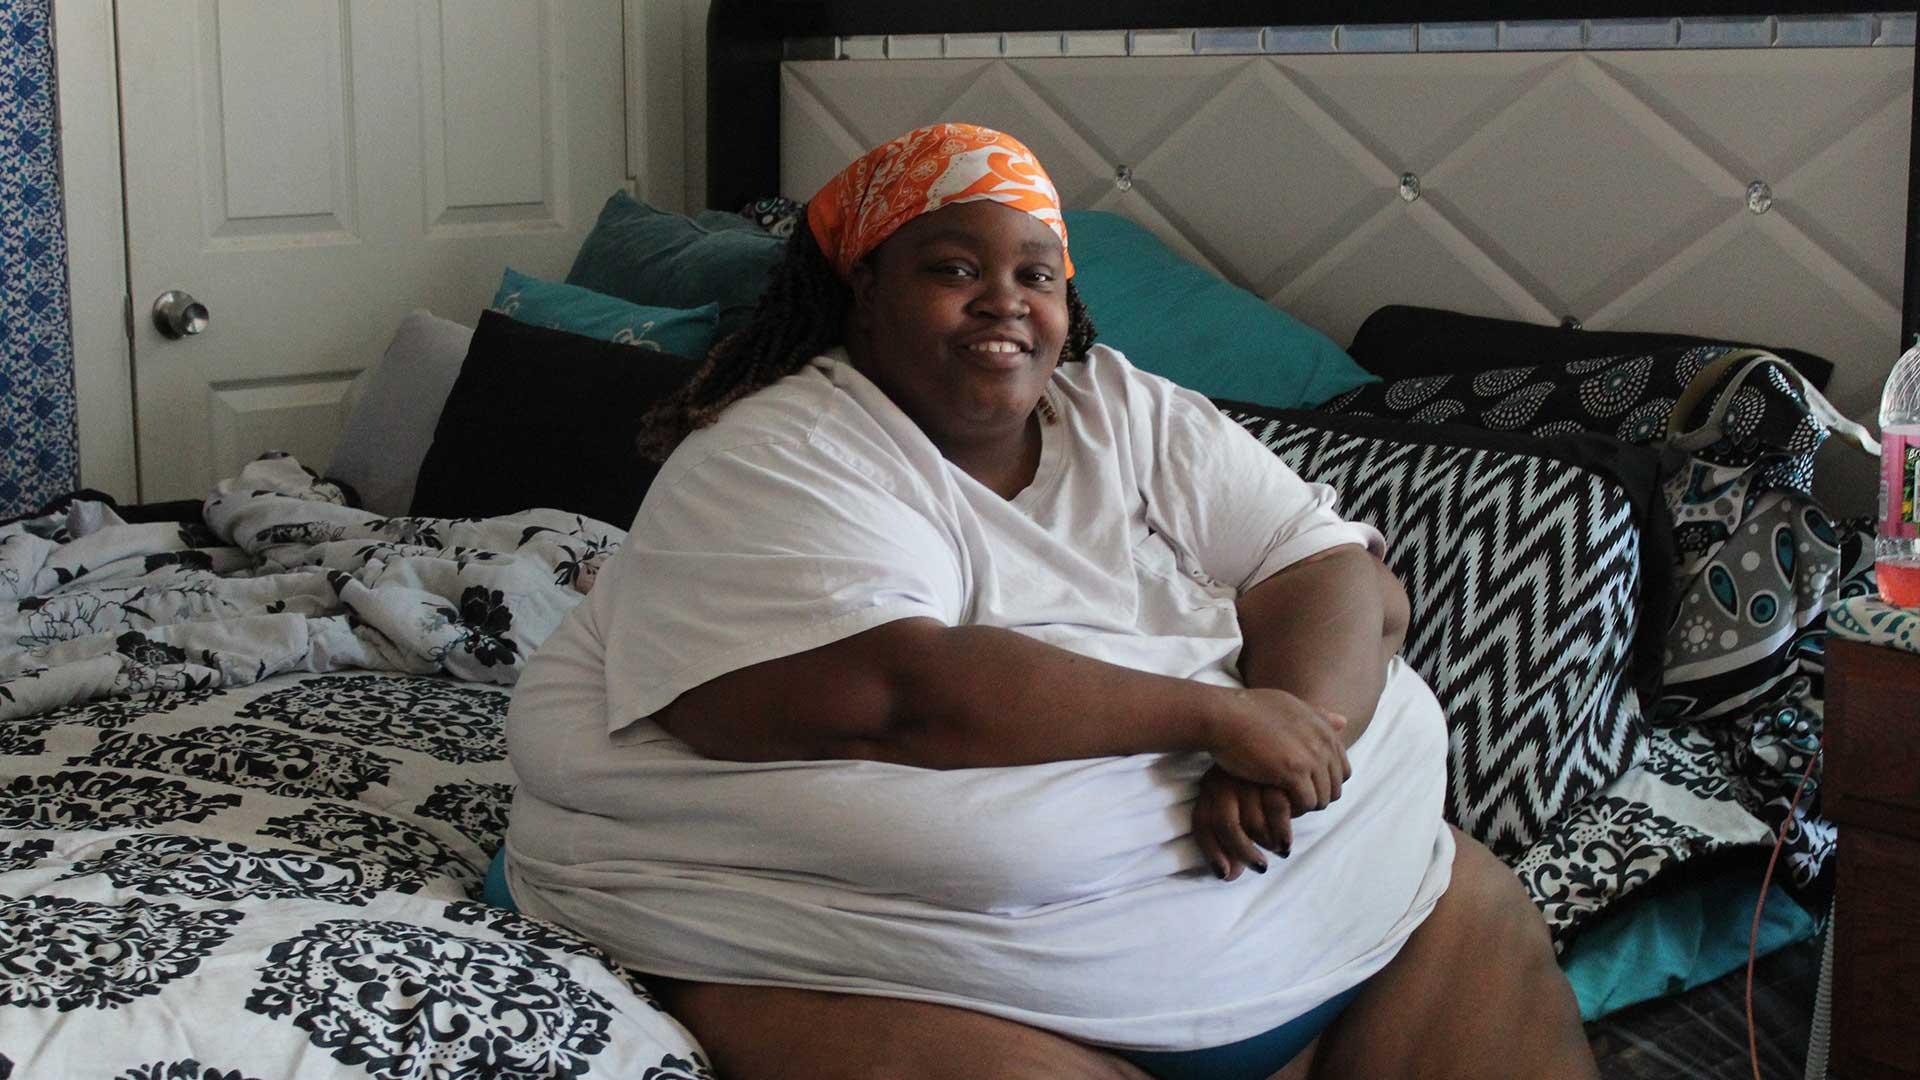 Estas personas con obesidad mórbida en su lucharán, con la ayuda del Dr. Nowzaradan, por salvar sus vidas